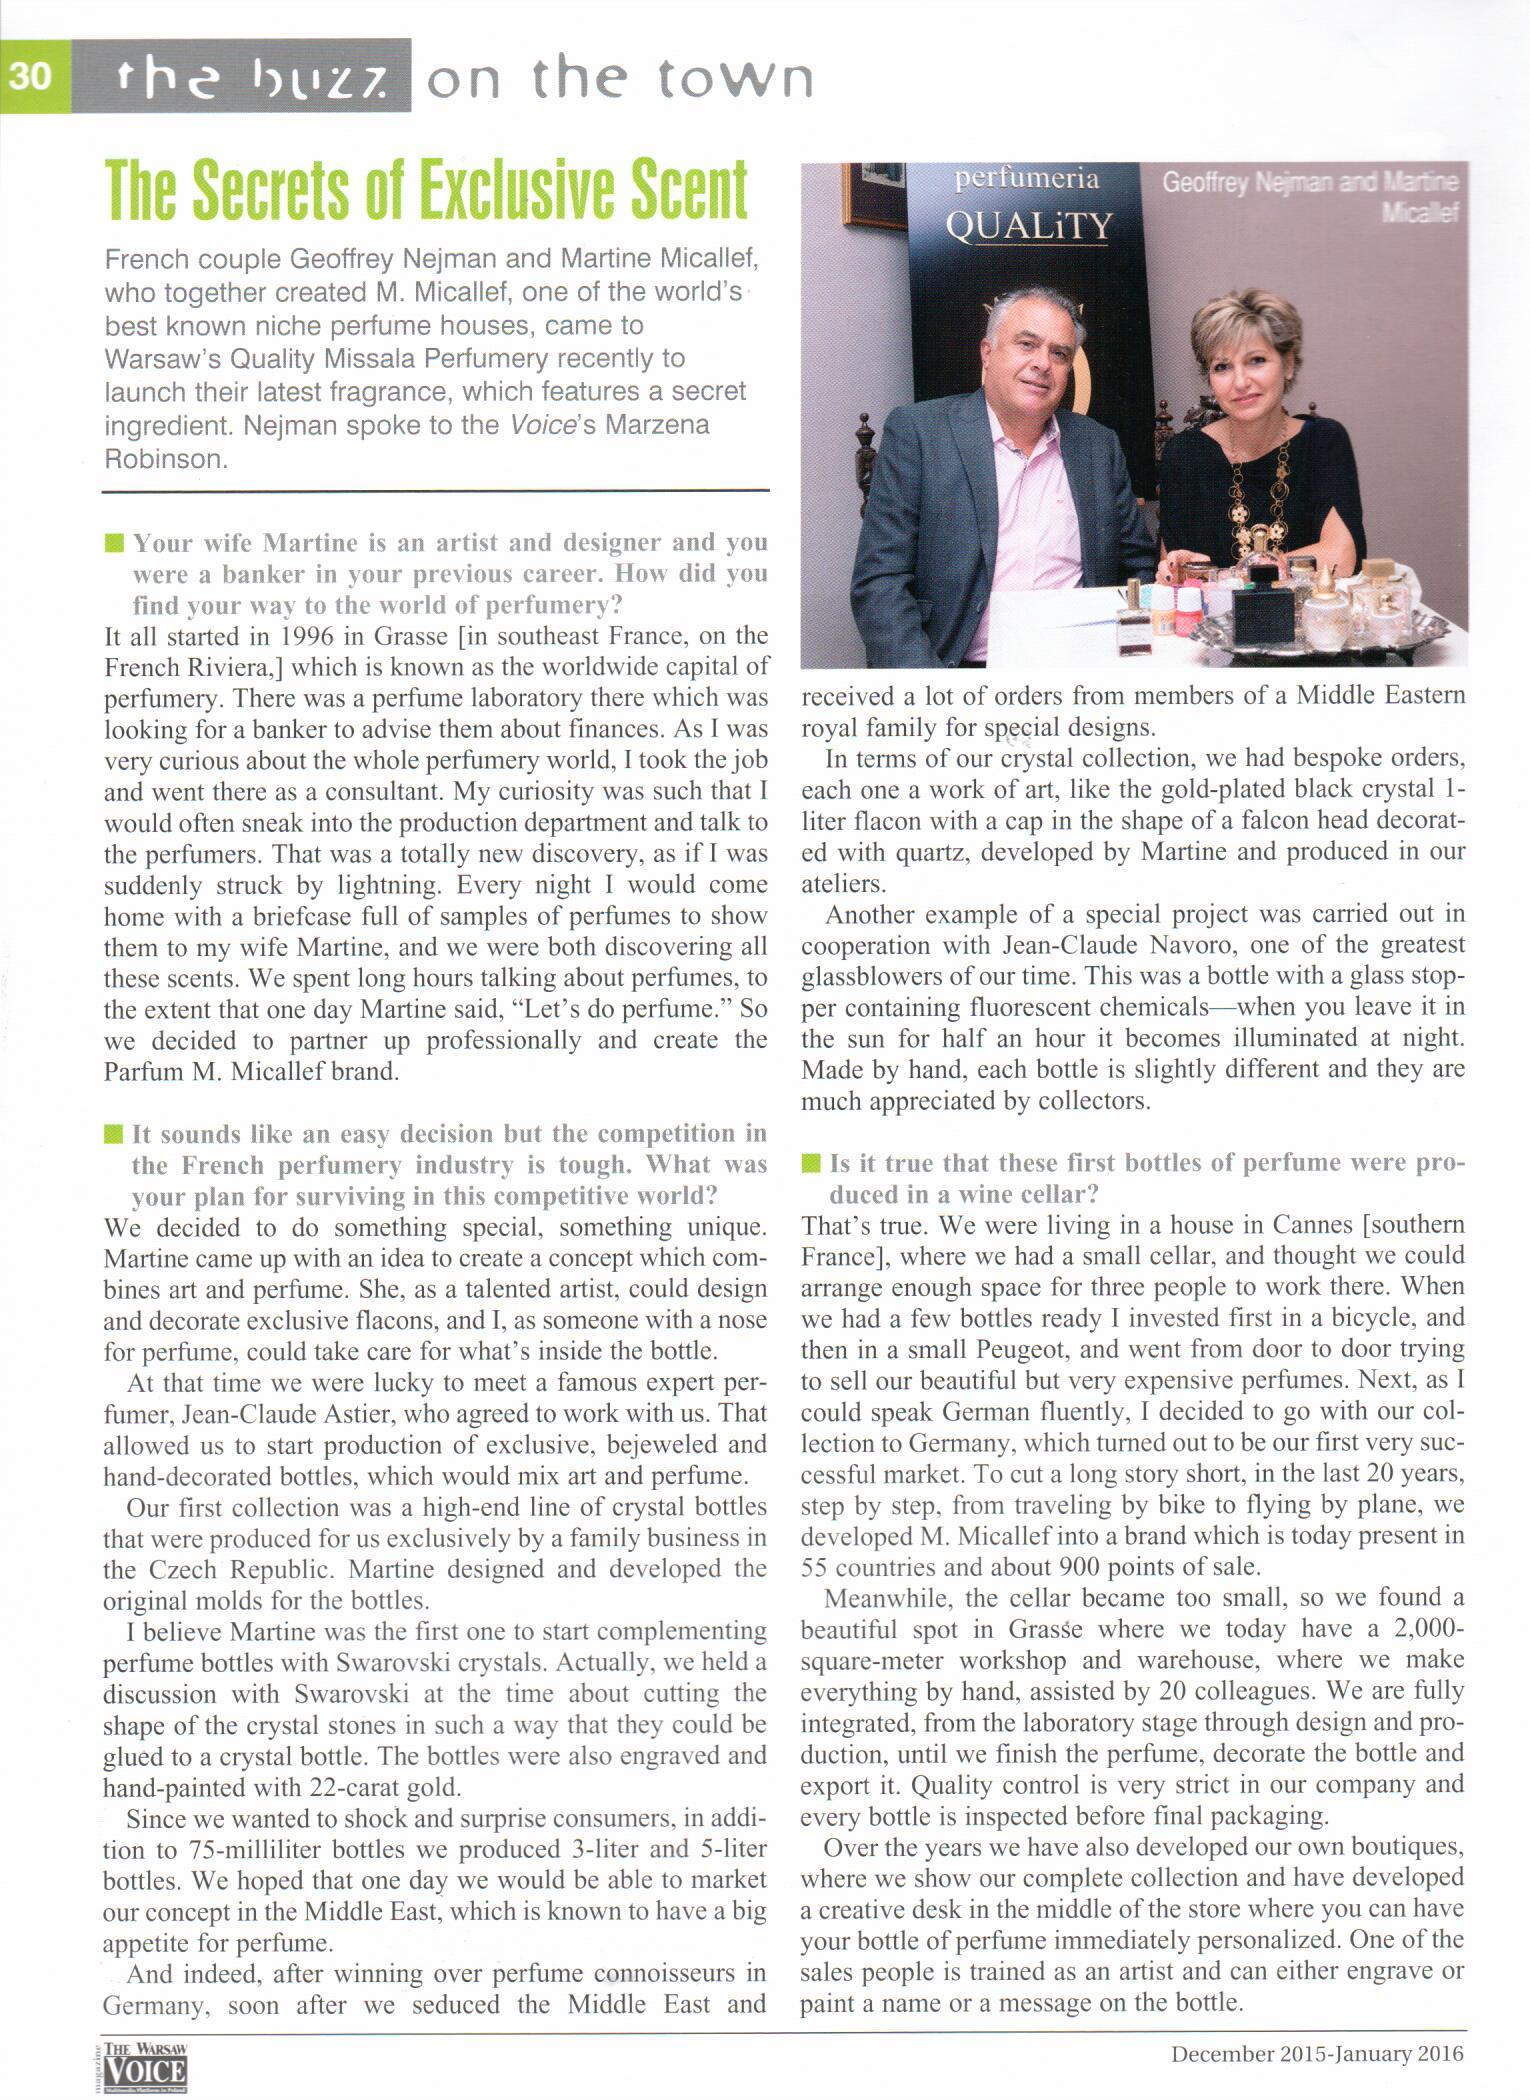 2015.12 The Warsaw Voice_Wywiad z Martine Micallef i Geoffreyem Nejmanem (1)